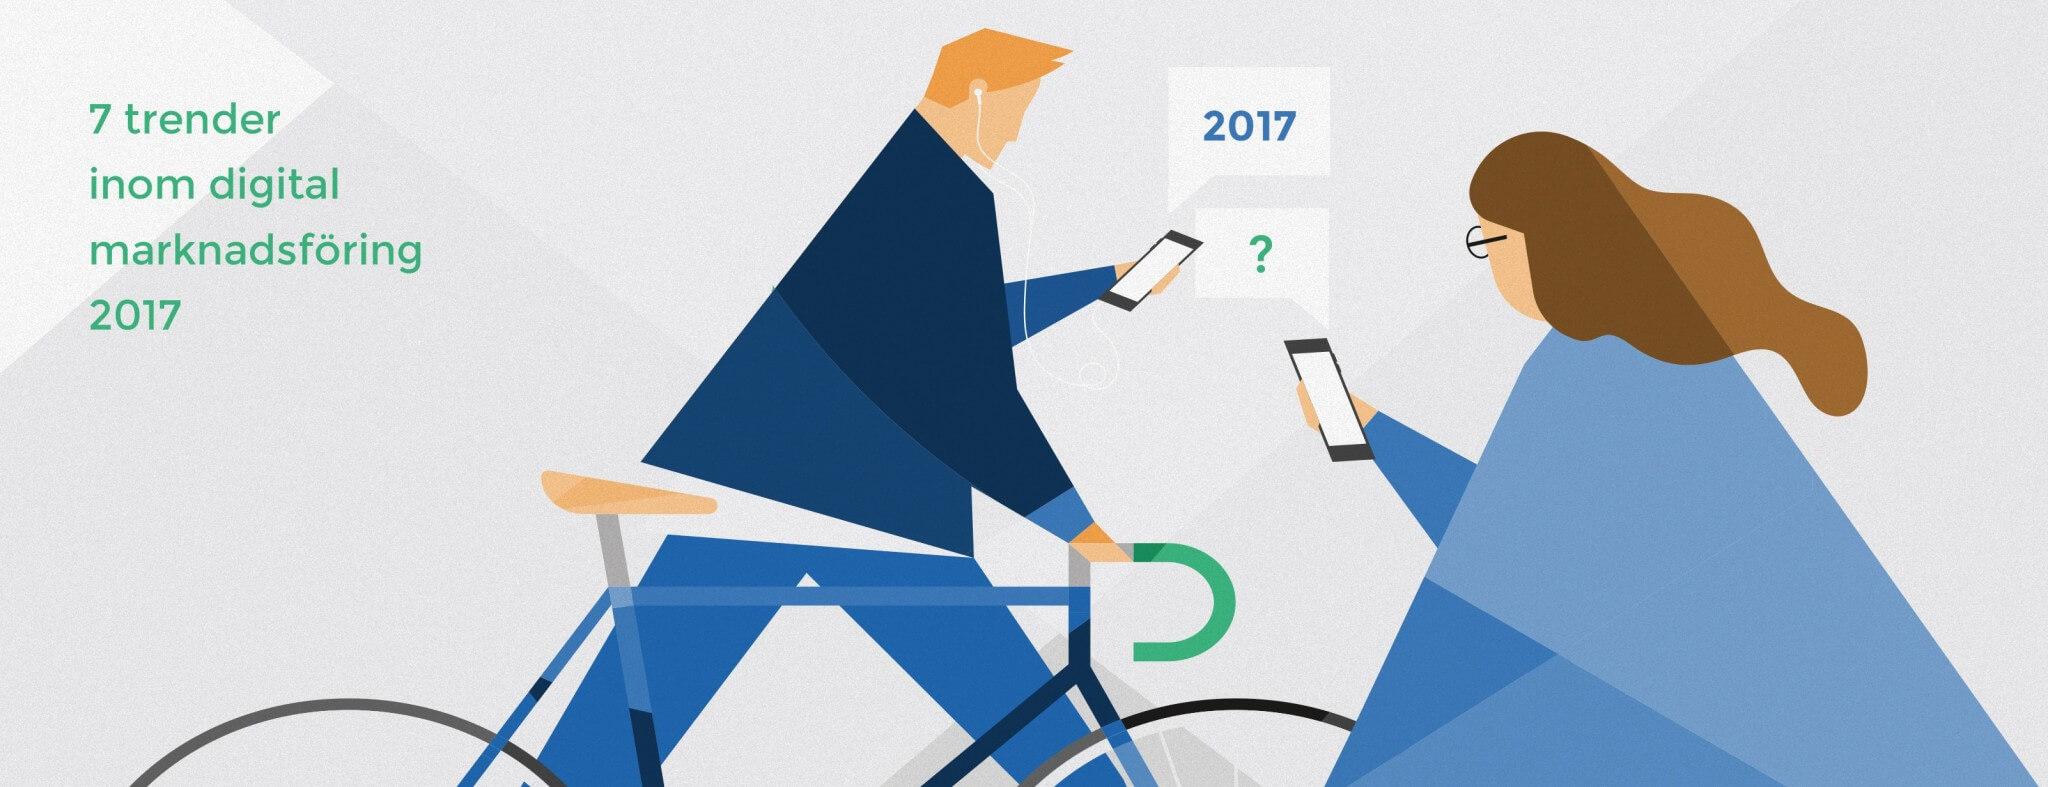 7 trender inom digital marknadsföring 2017